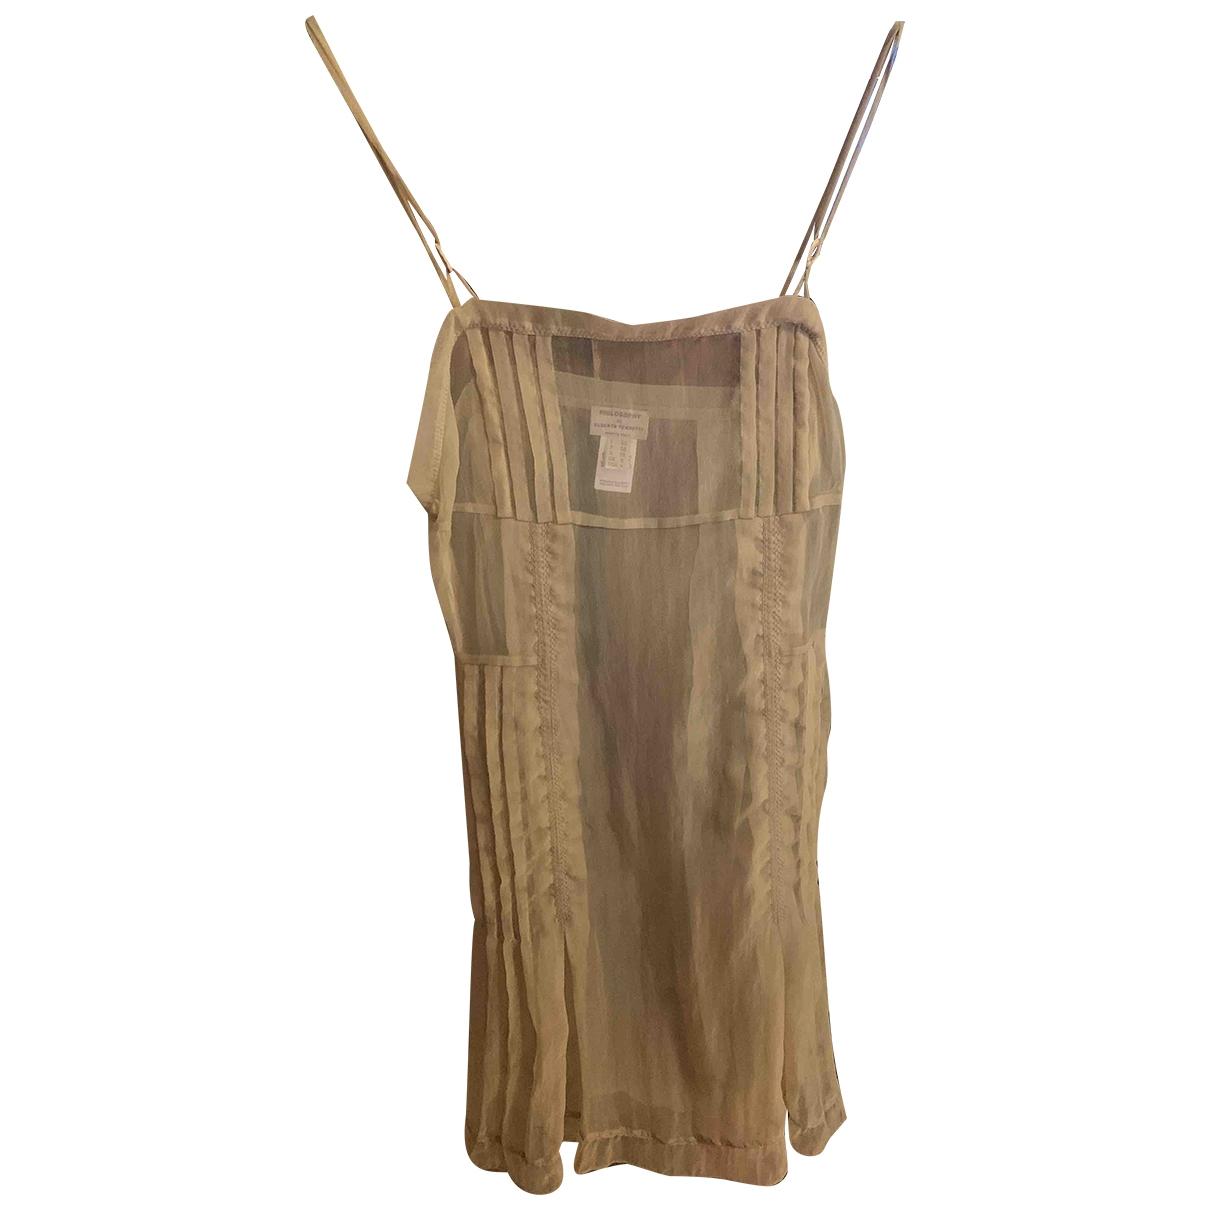 Philosophy Di Alberta Ferretti \N Beige dress for Women 40 IT